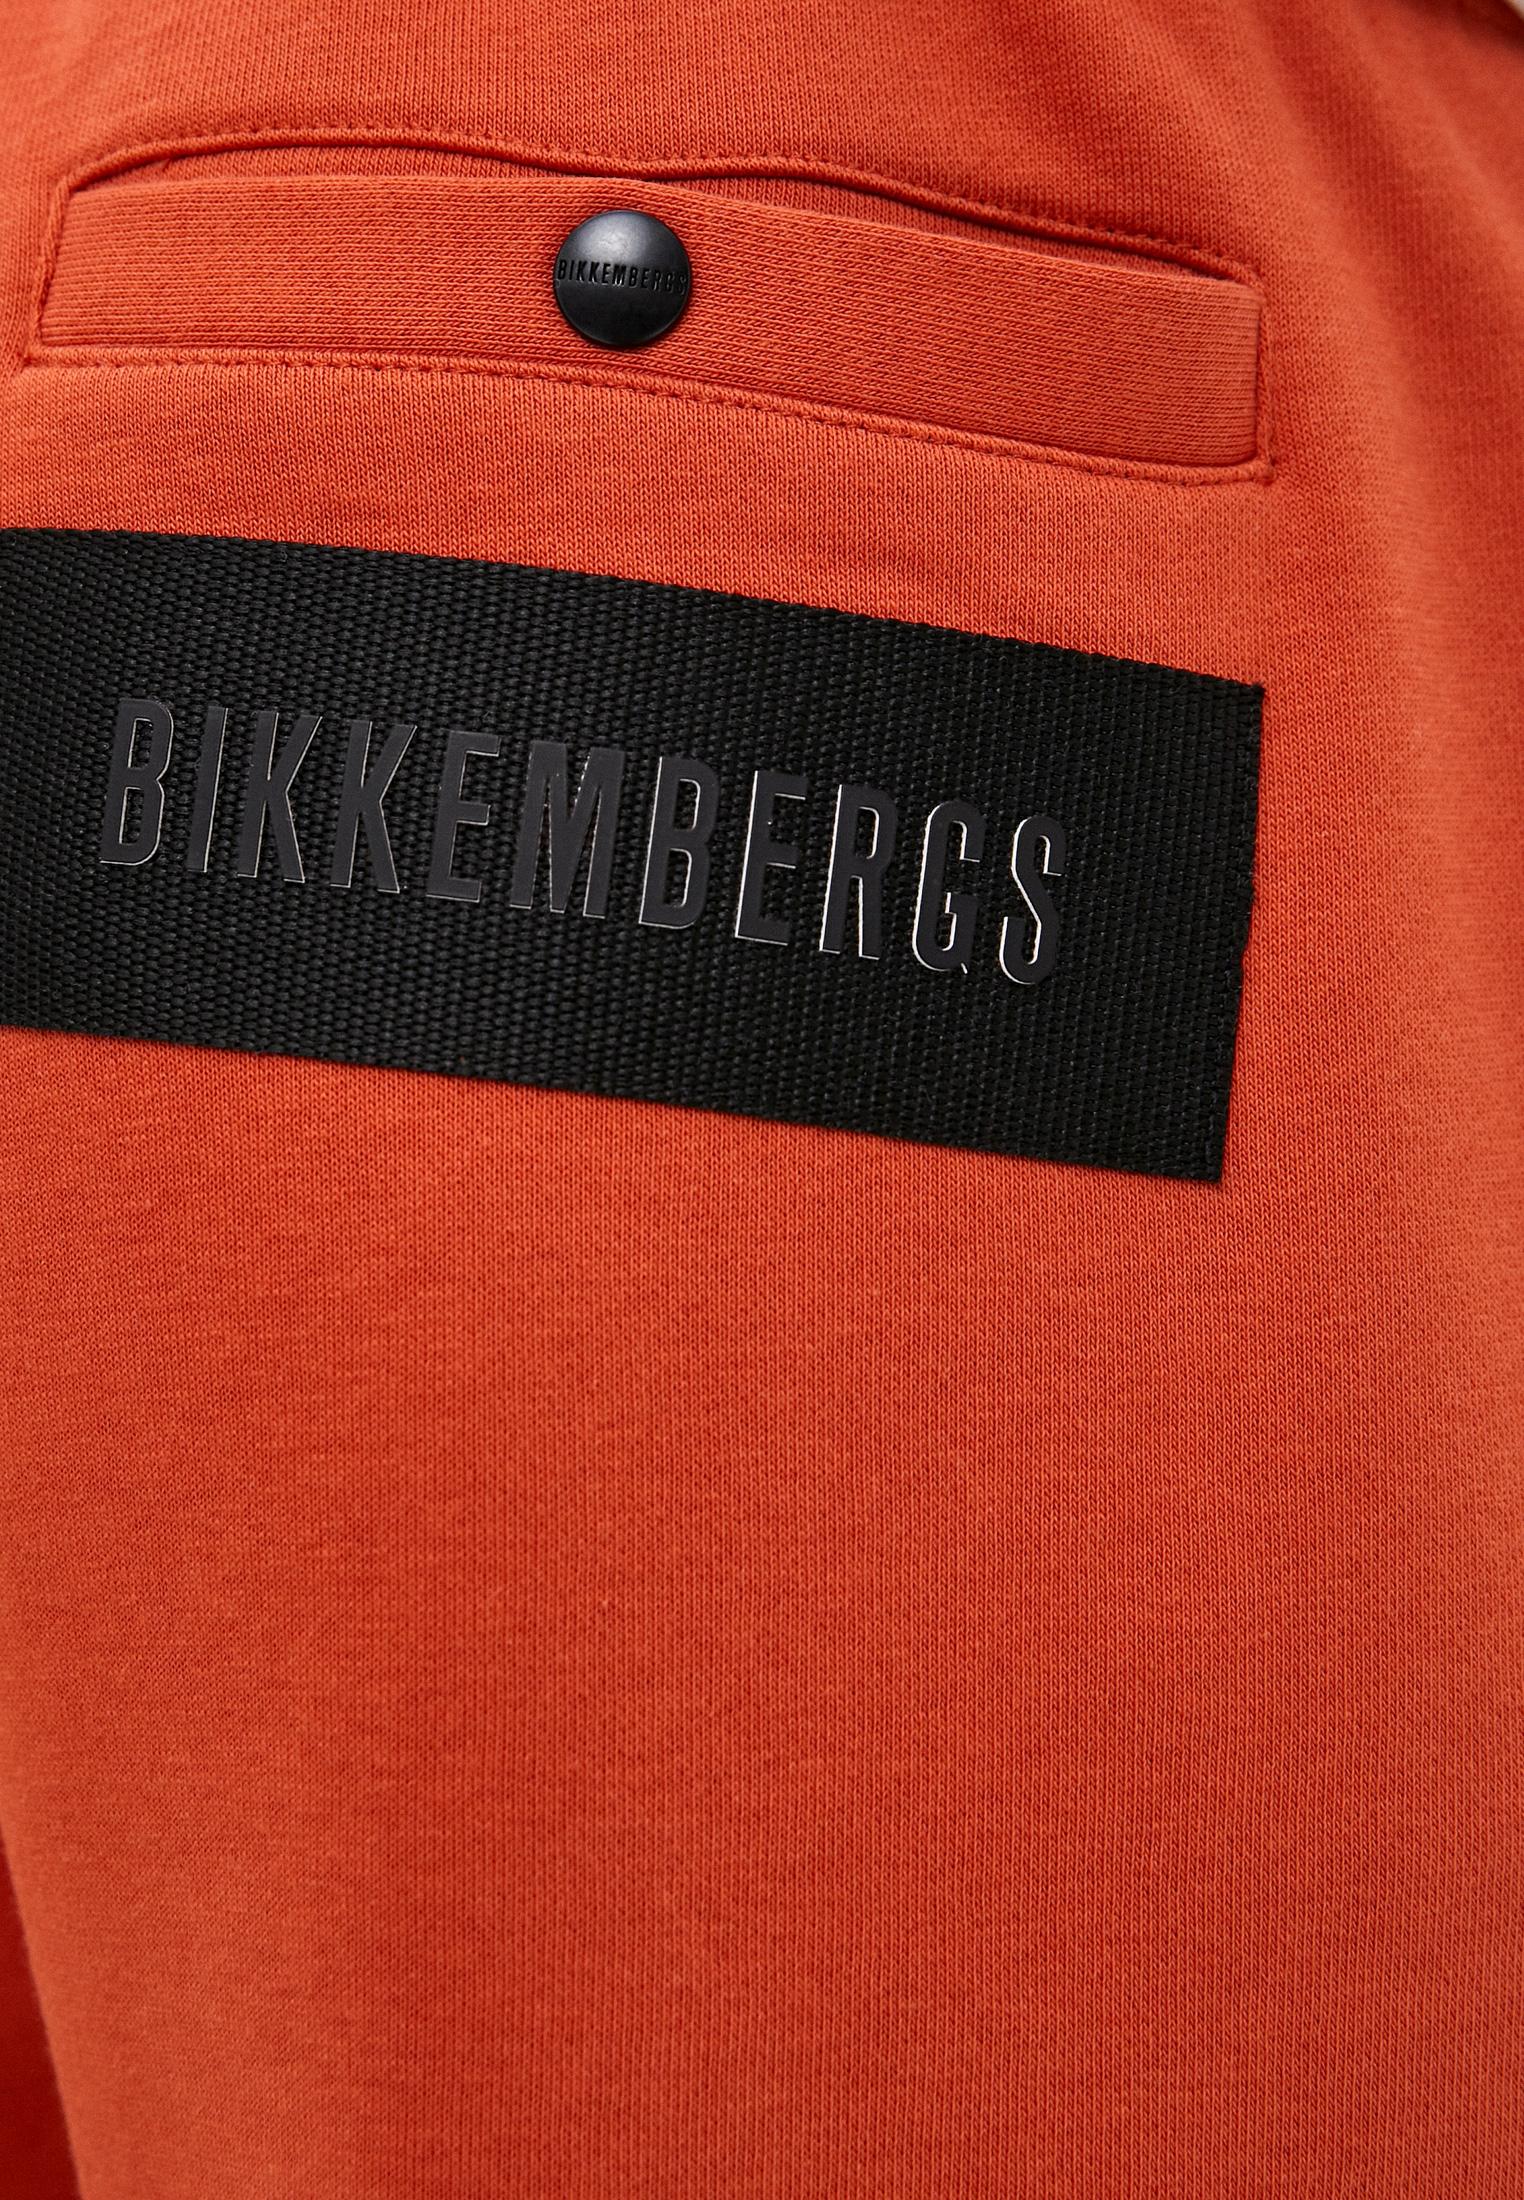 Мужские спортивные брюки Bikkembergs (Биккембергс) C 1 153 00 M 4225: изображение 5